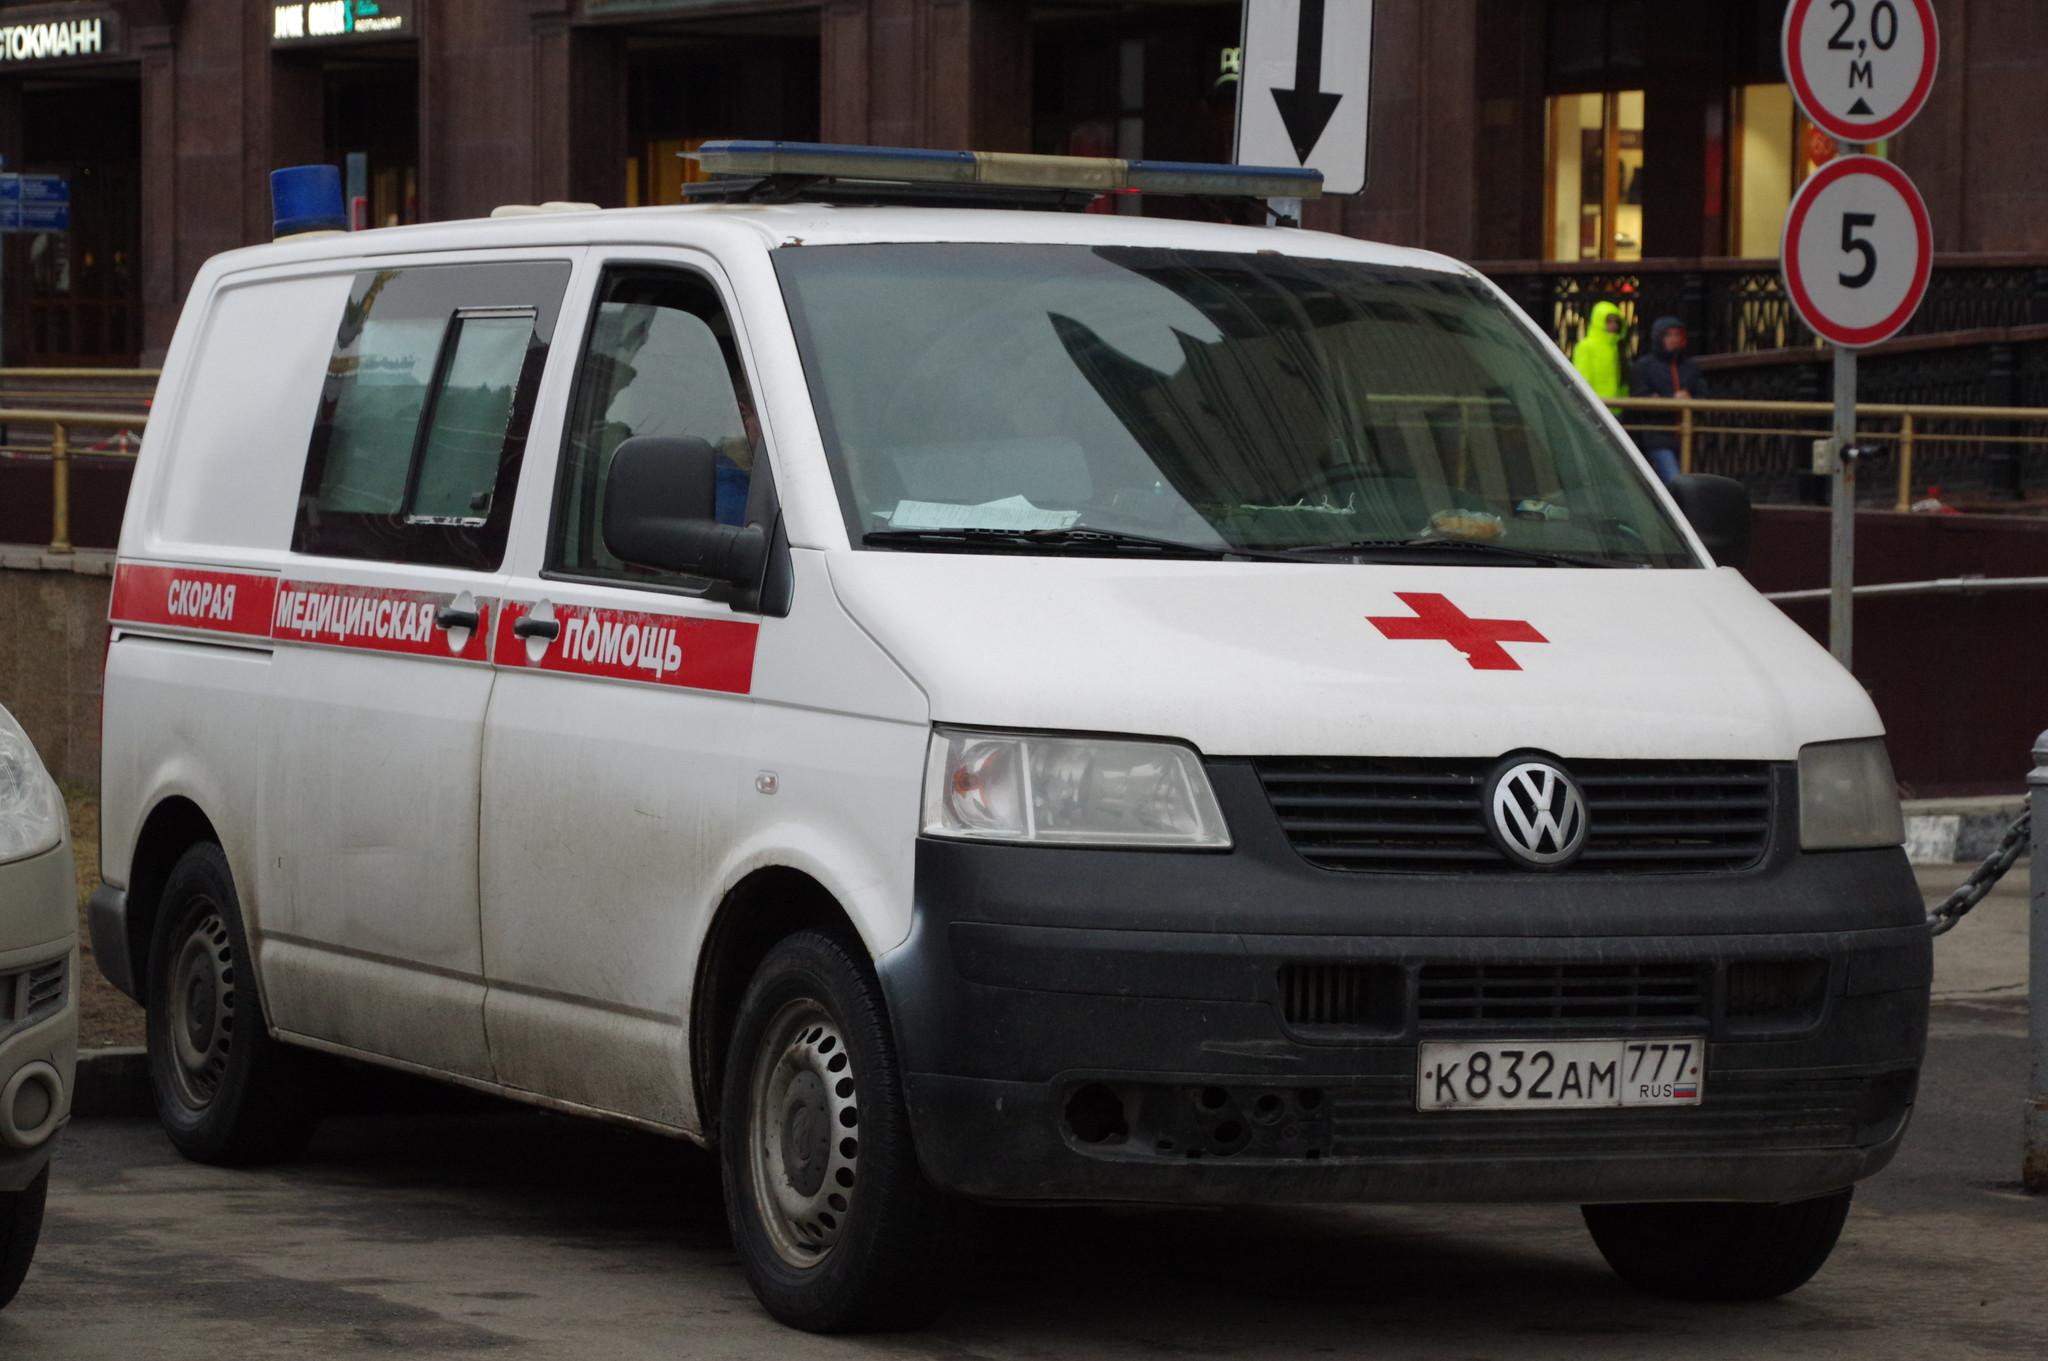 Автомобиль скорой медицинской помощи на площади Революции